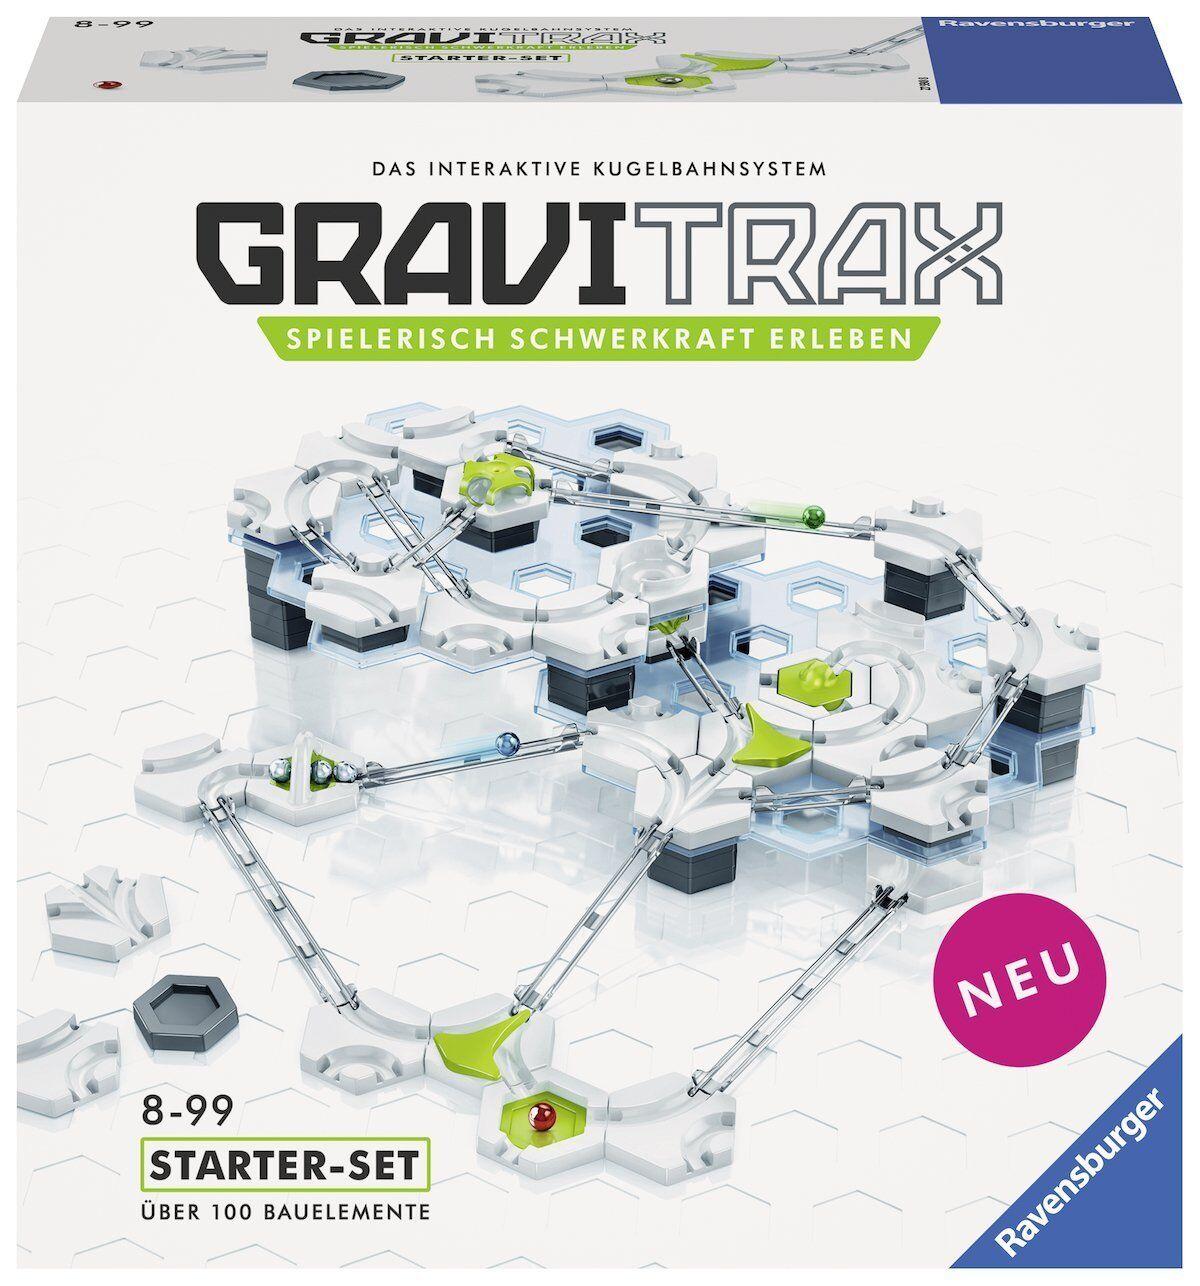 Estrellaterset gravitrax exigentes tren bala diseño juguetes ravensburge